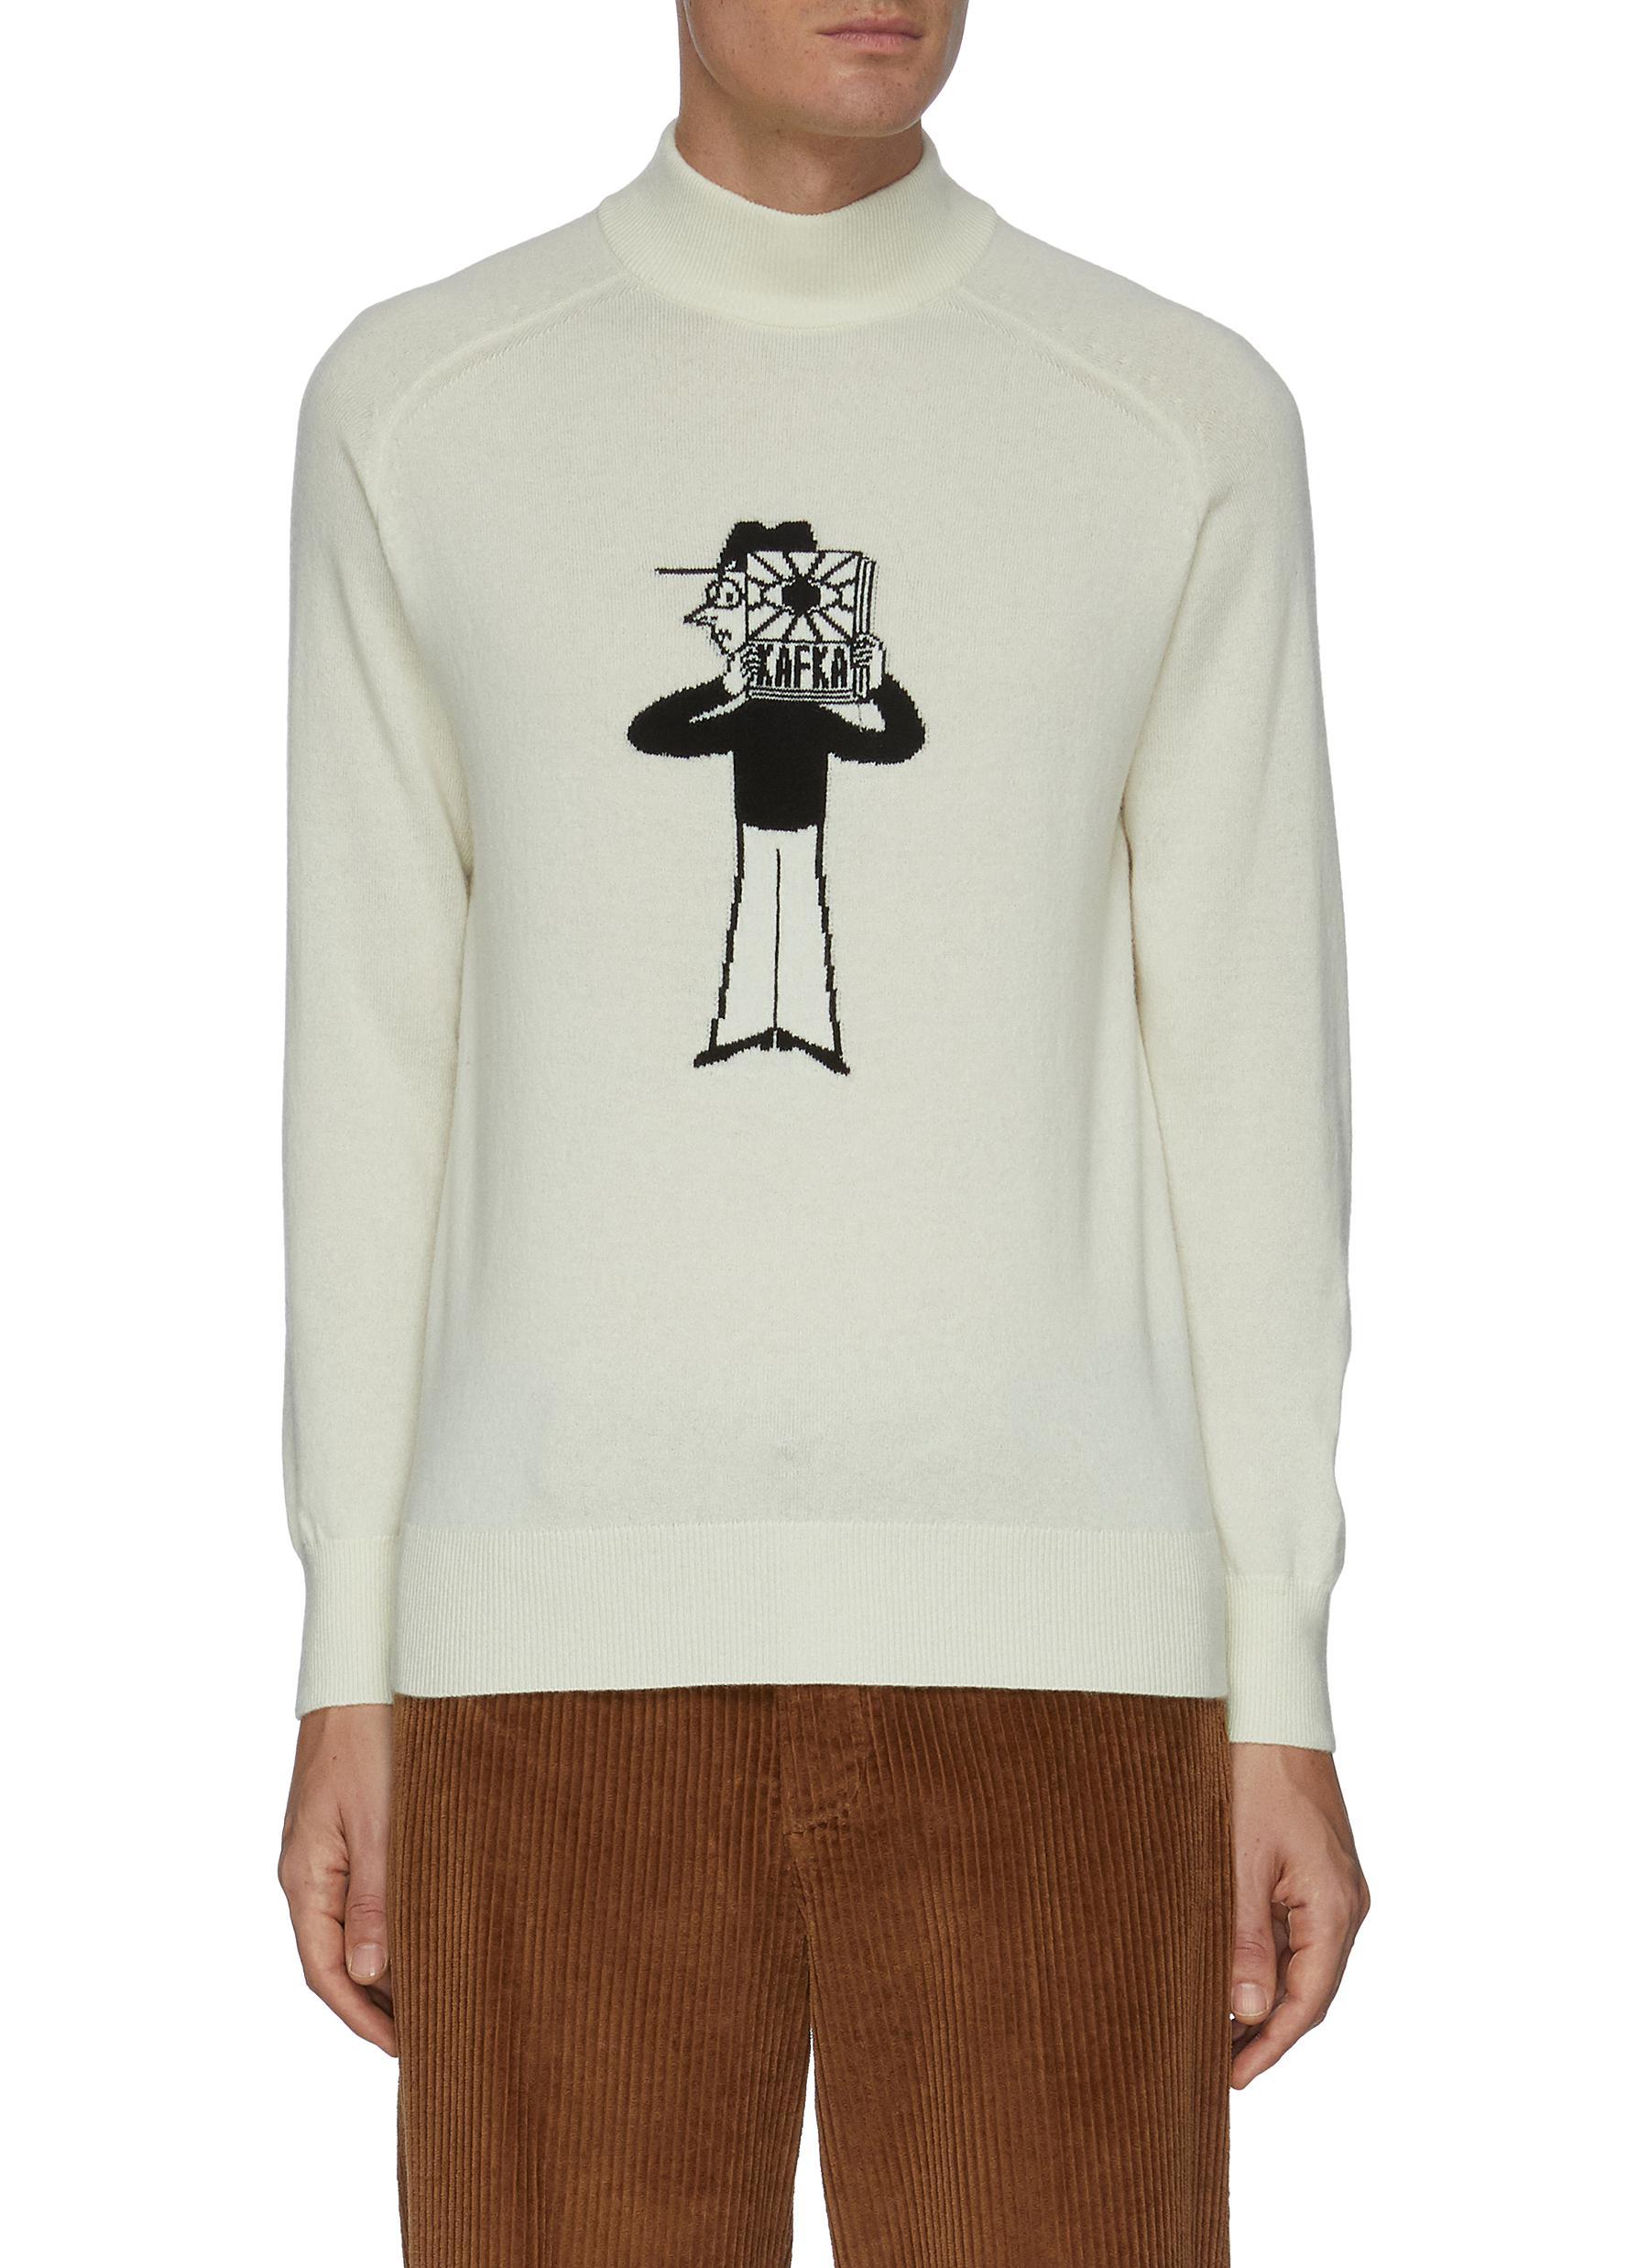 Dreyden Slowboy Writer Intarsia Cashmere Sweater